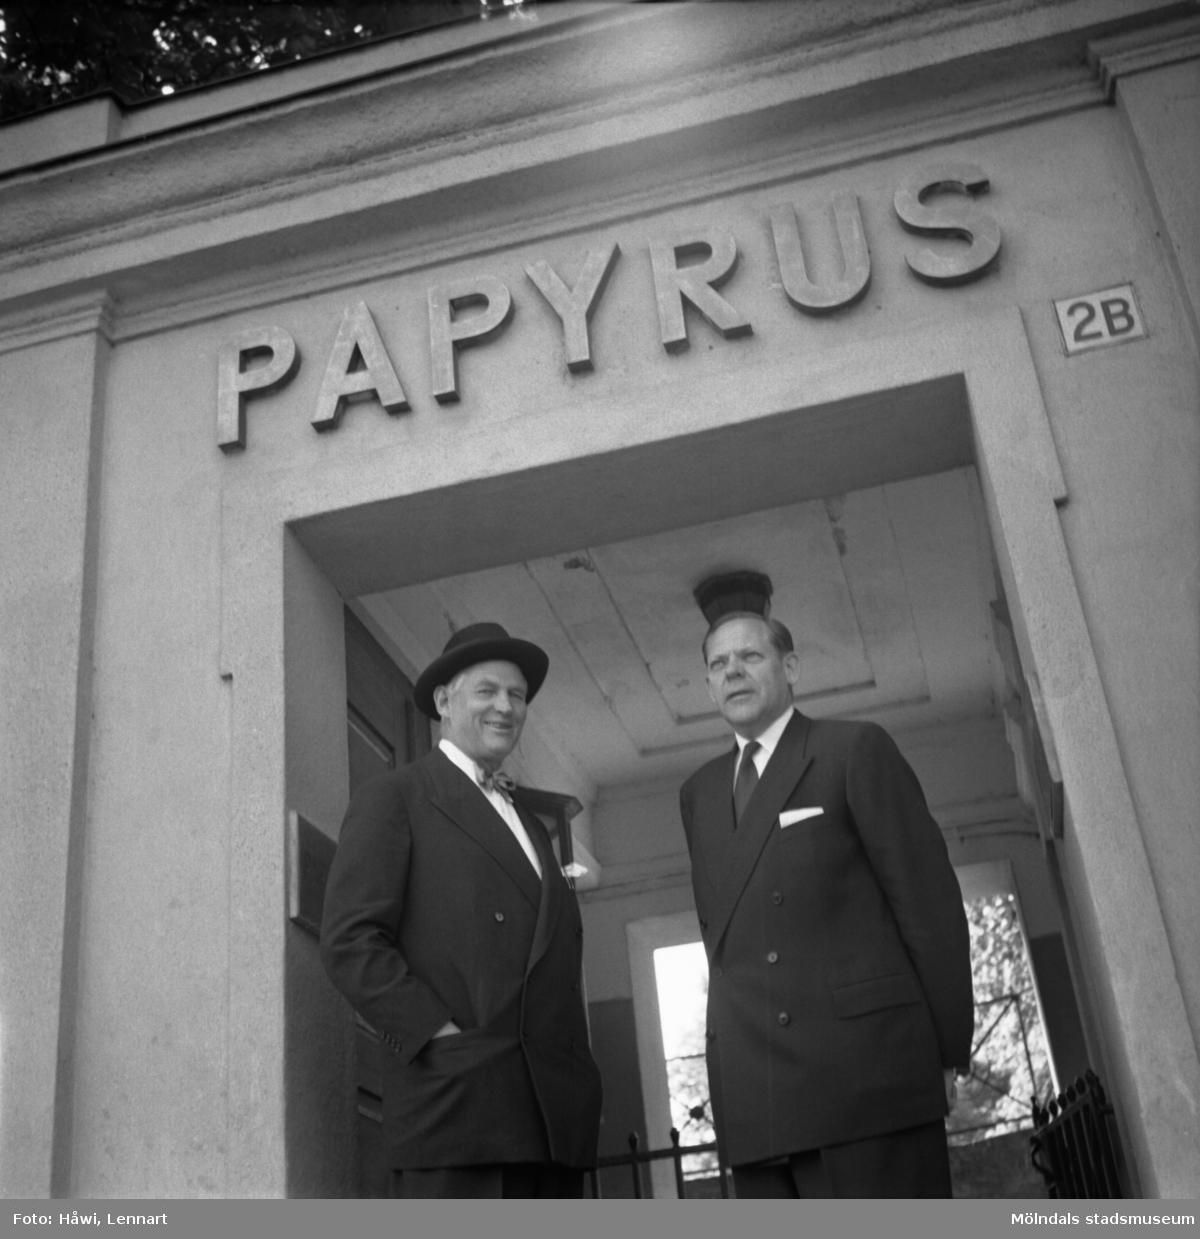 Bankdirektör Marcus Wallenberg och disponent Hans Hulthén på Papyrus i Mölndal, 15/6 1955.